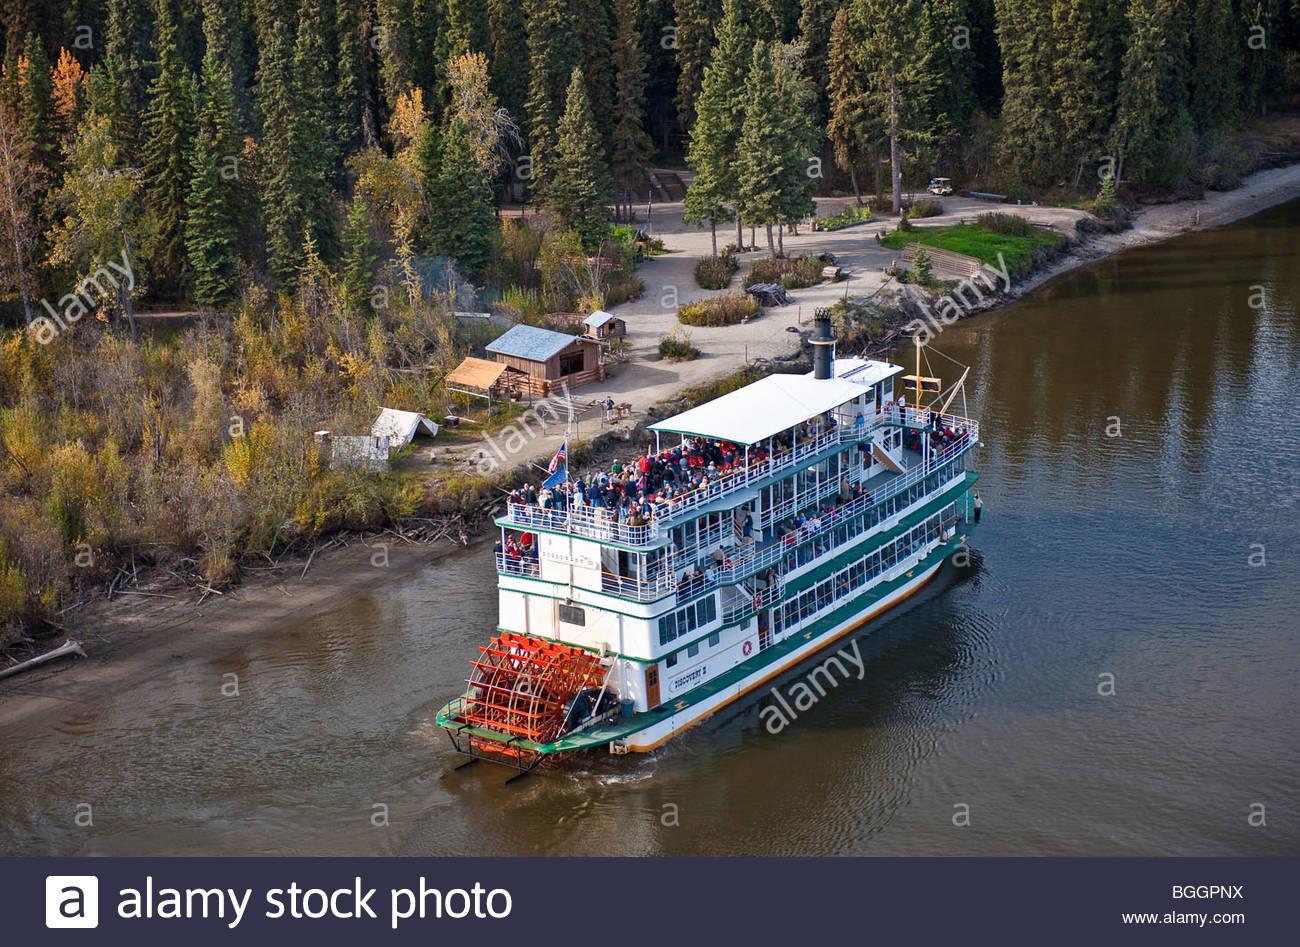 Fairbanks Alaska ein Blick auf ein Paddel Boot Raddampfer der Discovery 3, Flussschiff, die die Besucher auf einer Stockbild